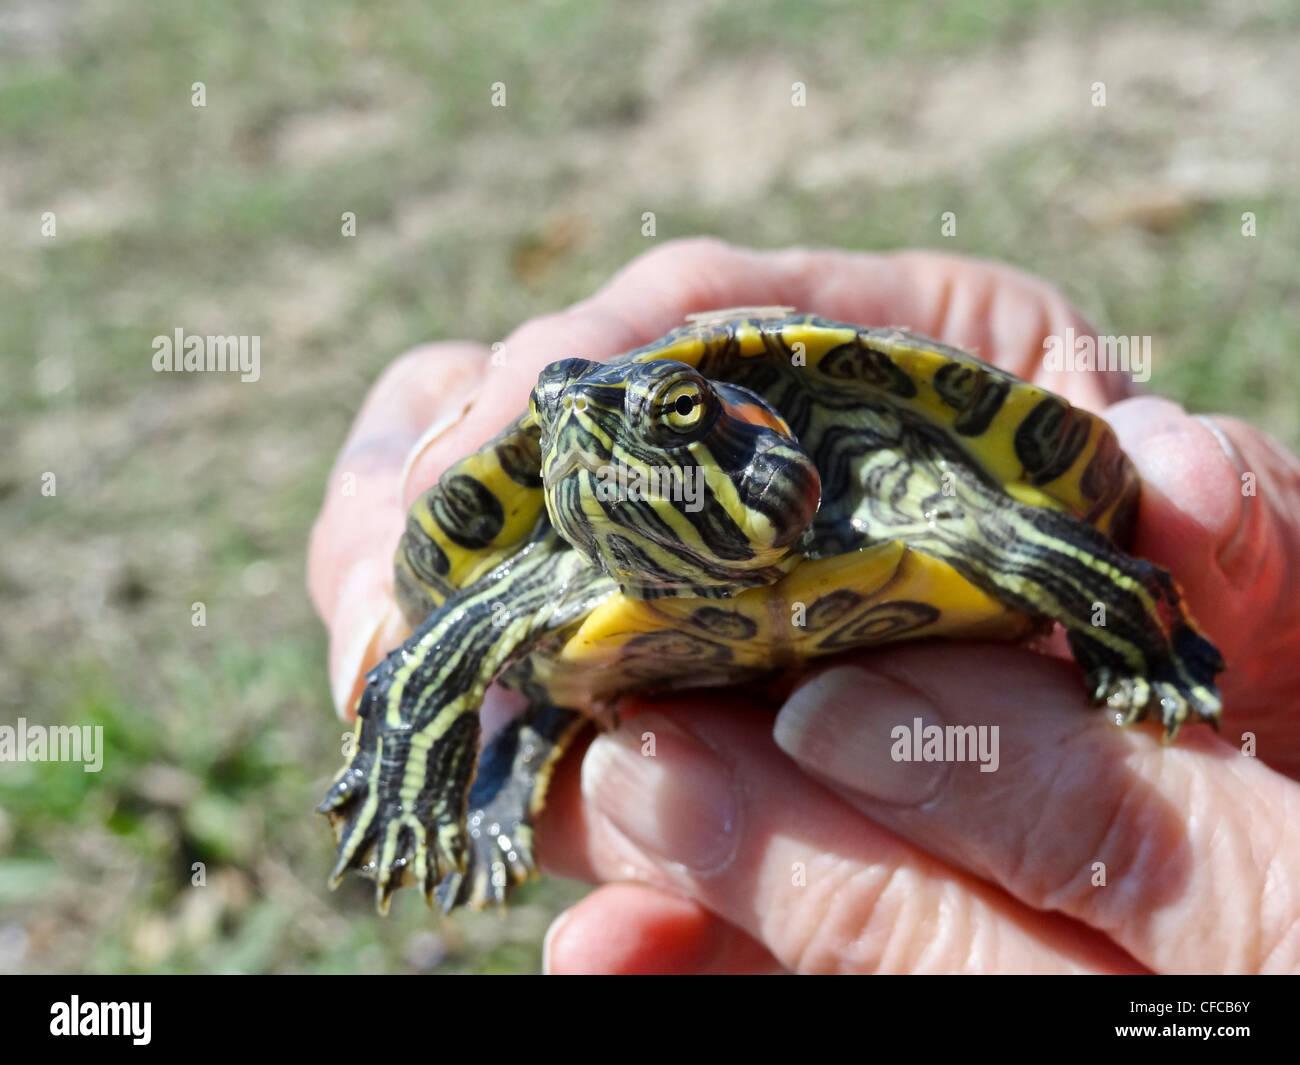 De orejas rojas, reptiles, tortugas acuáticas de Texas, log, pantano, Trachemys scripta elegans, baby, juvenil, Imagen De Stock